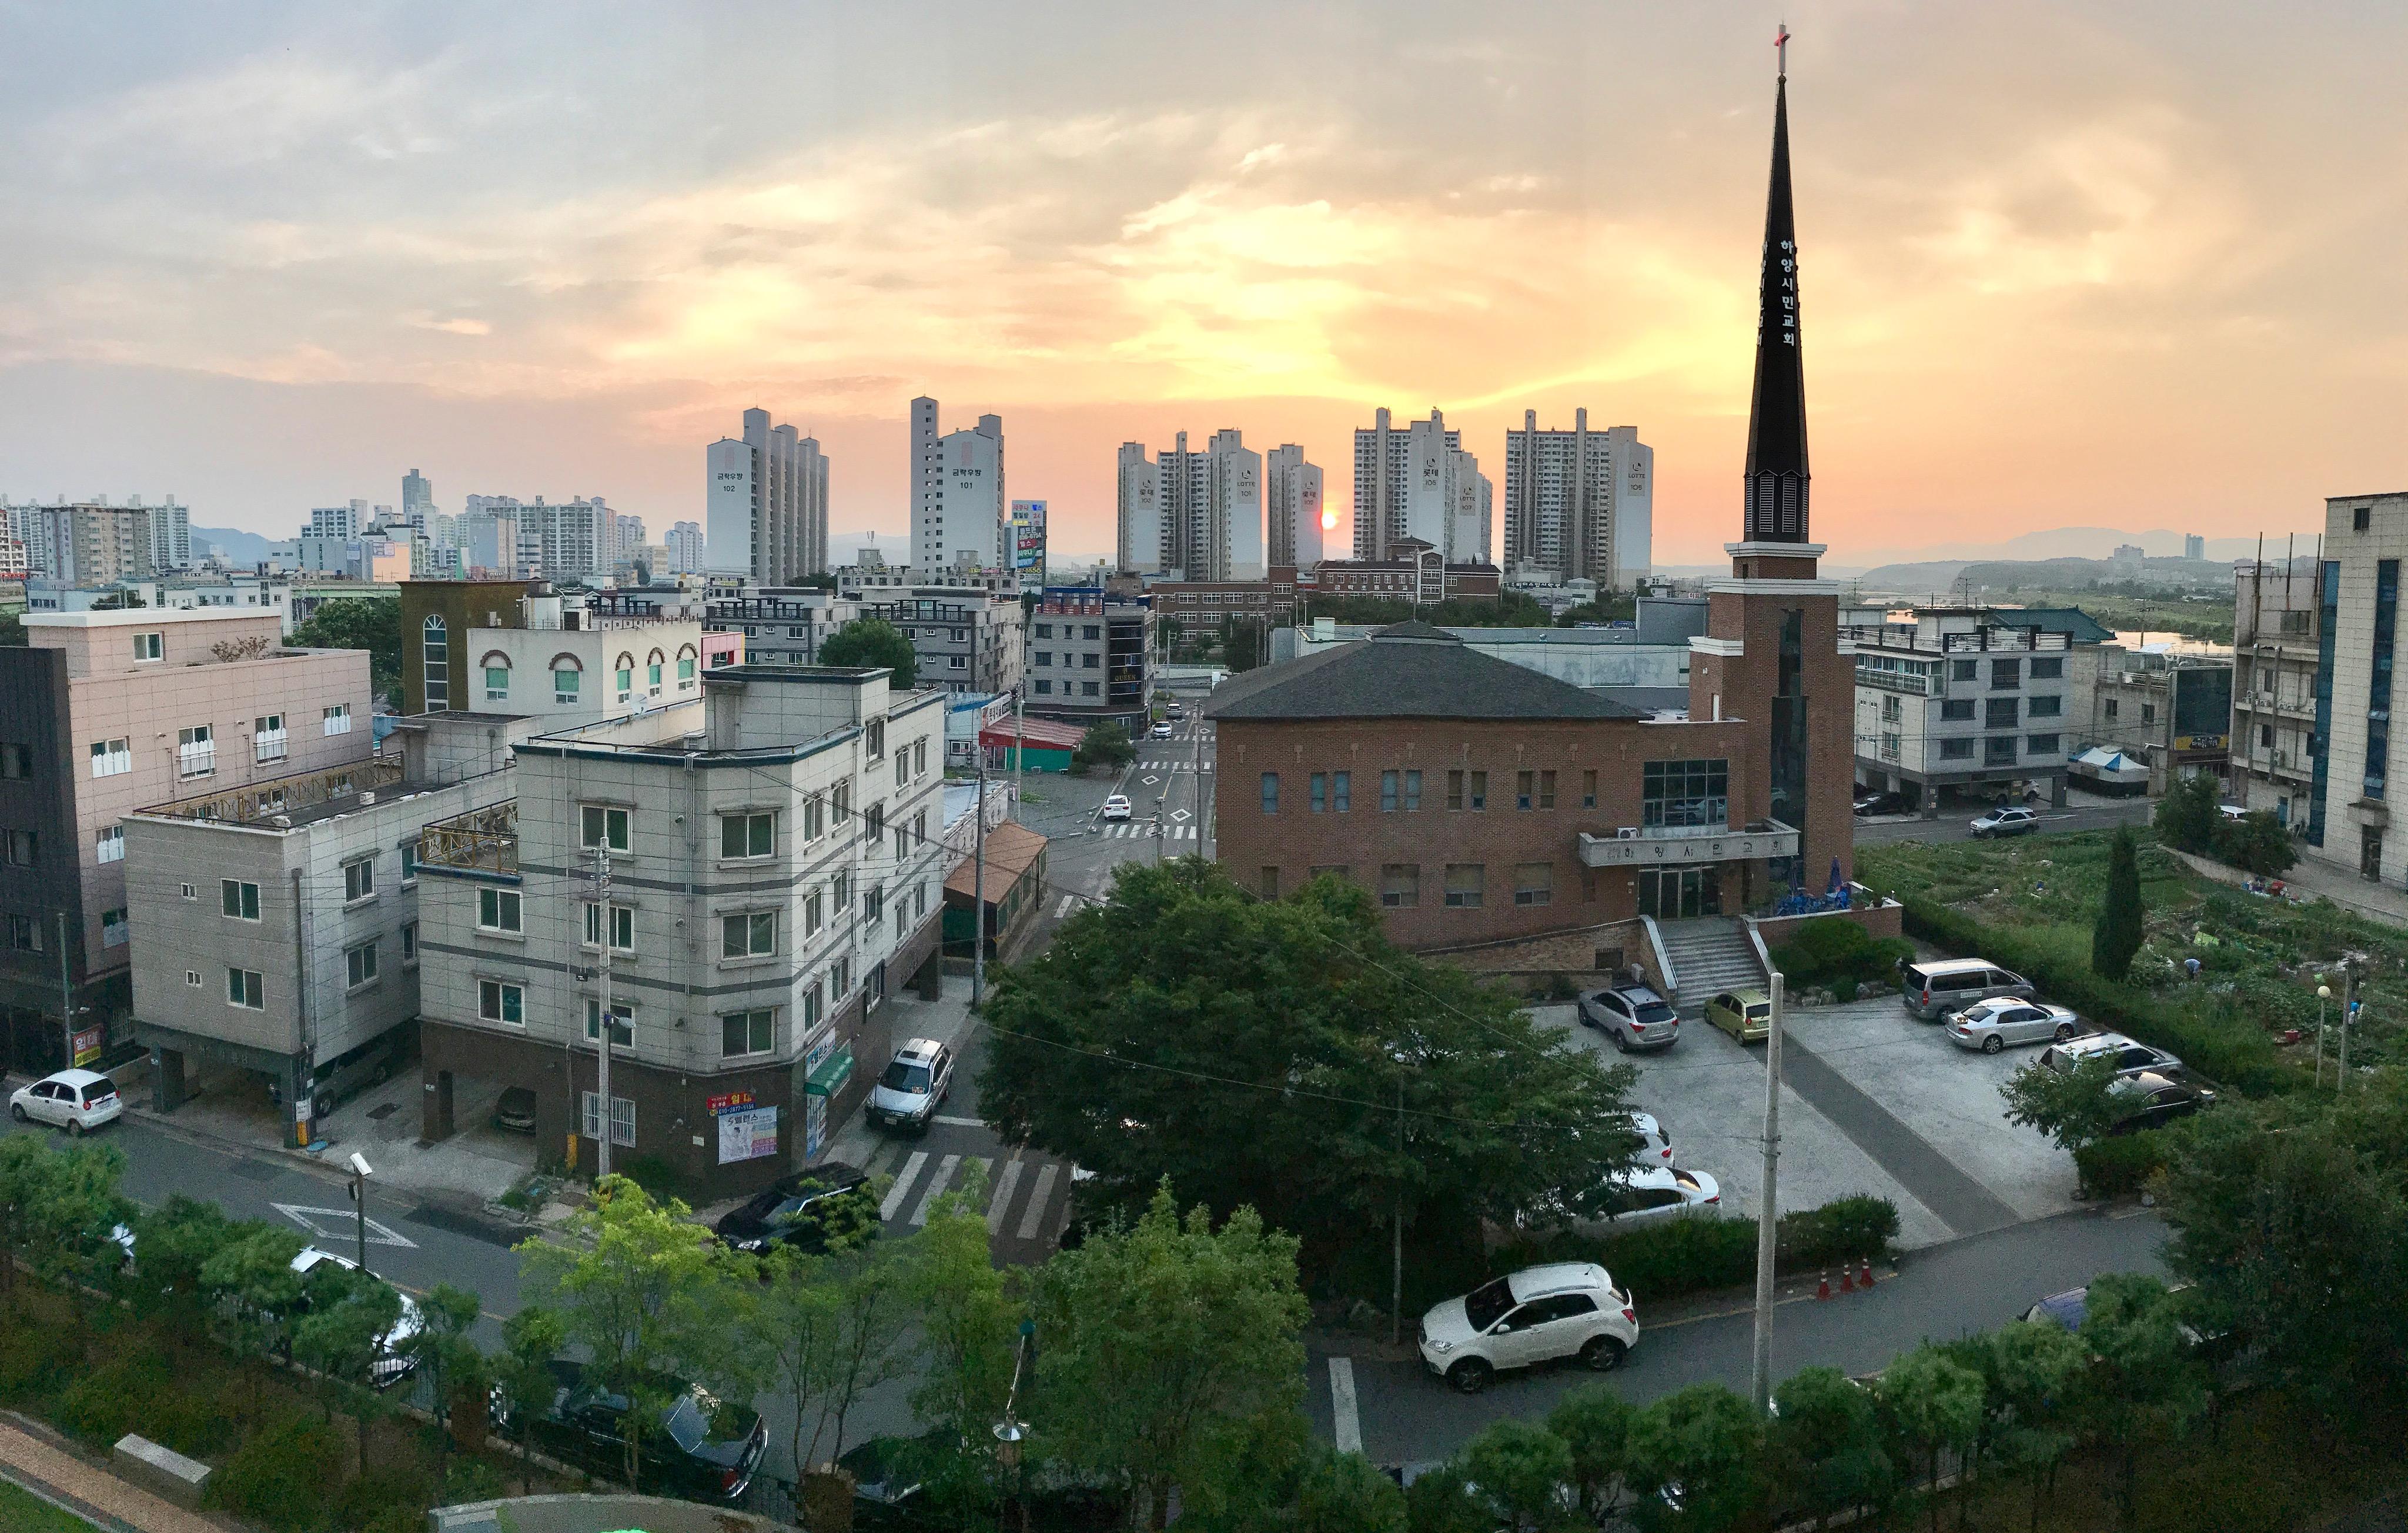 South Korean Sunrise